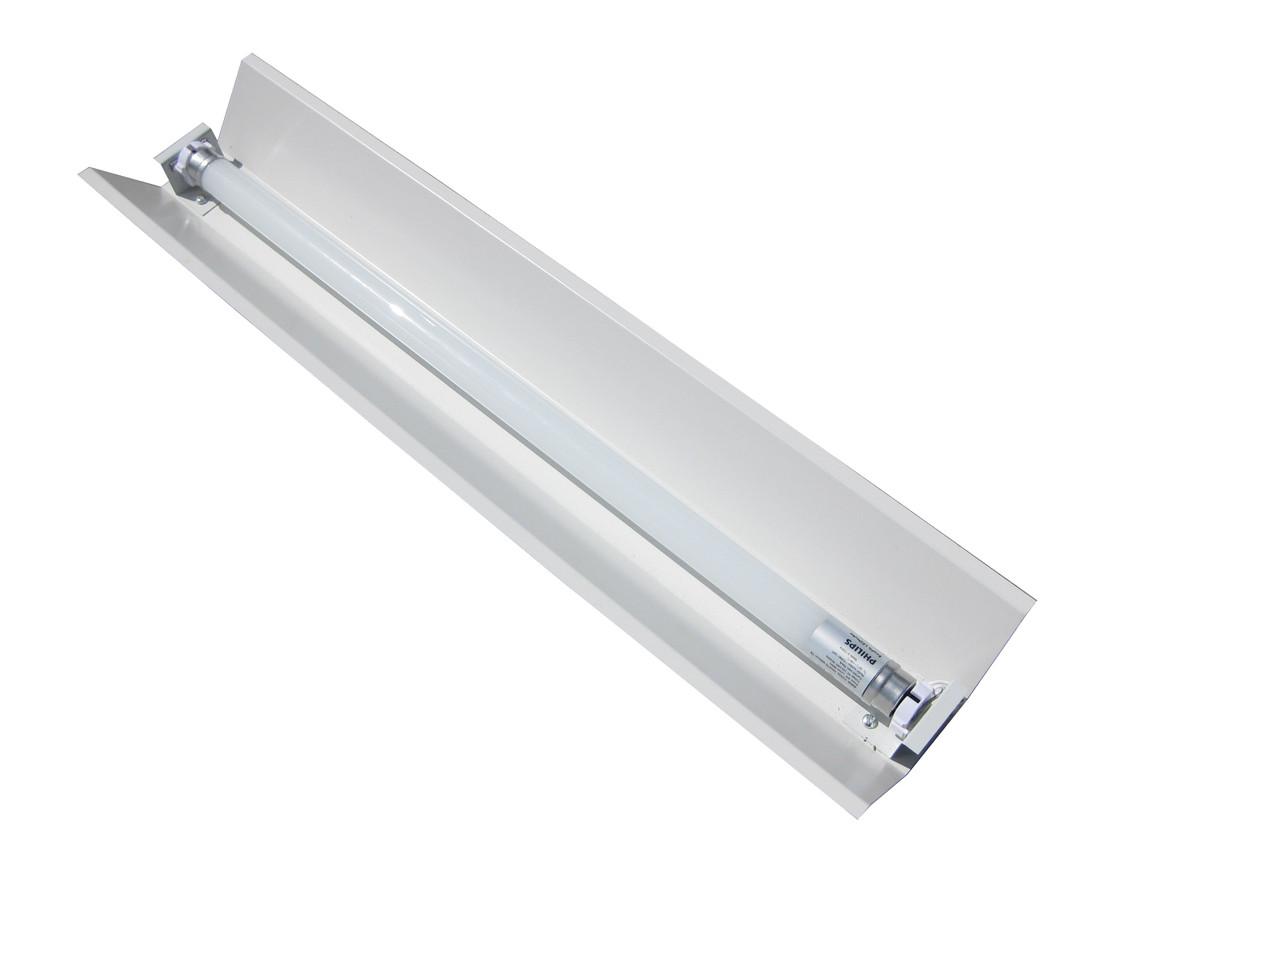 Светильник открытый под led лампу 120см 100lamp СПВ 01-1200 стандарт (613357)